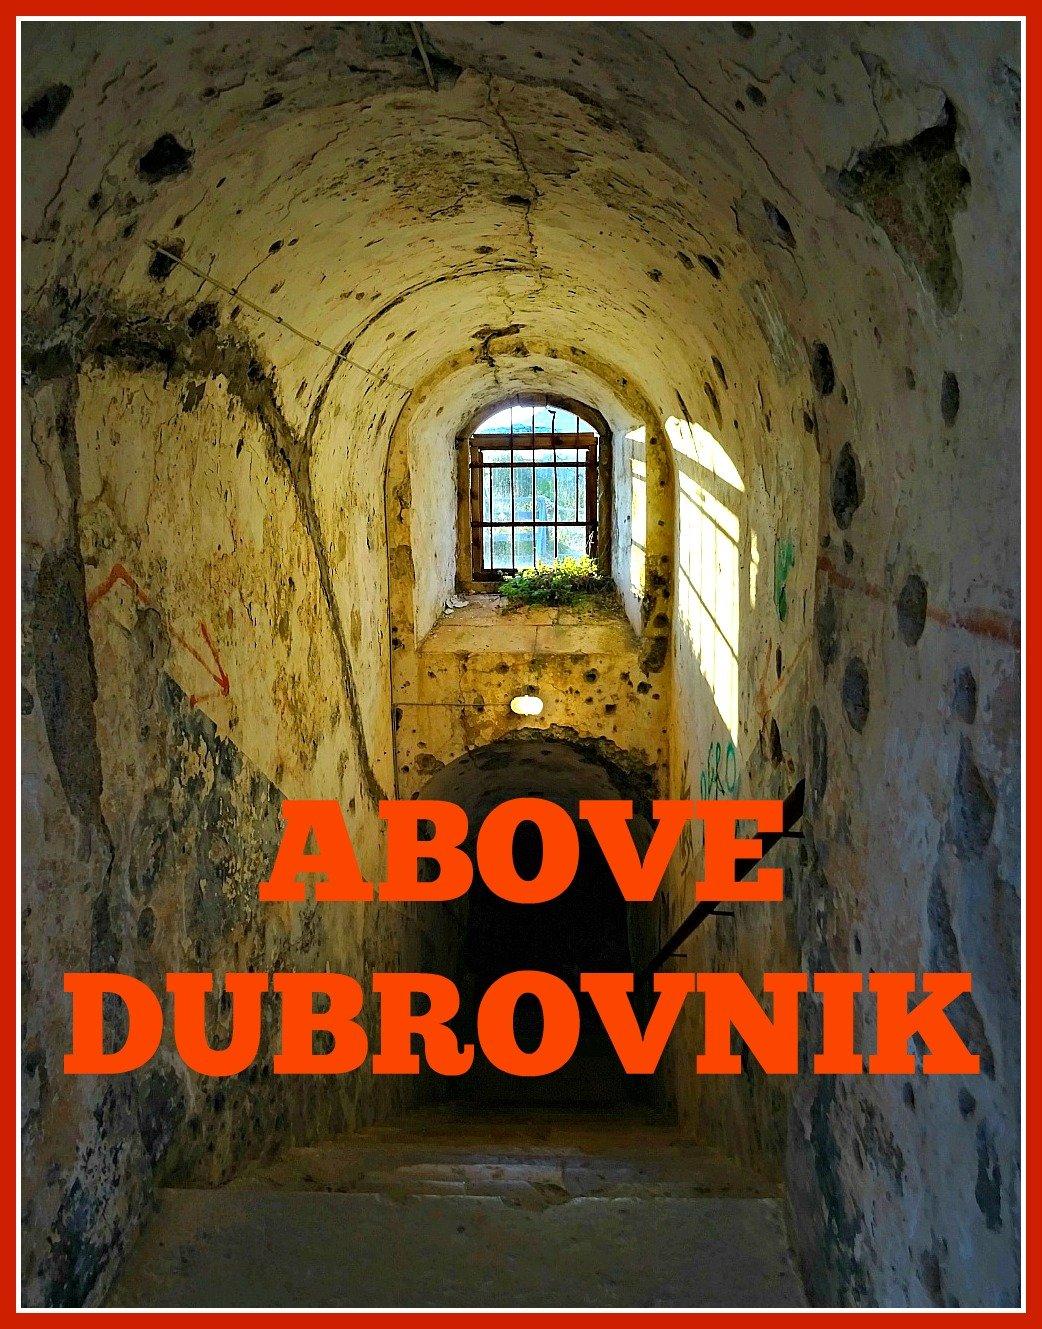 Dubrovnik Homeland War Museum in the Imperial Fort on Mt. Srd